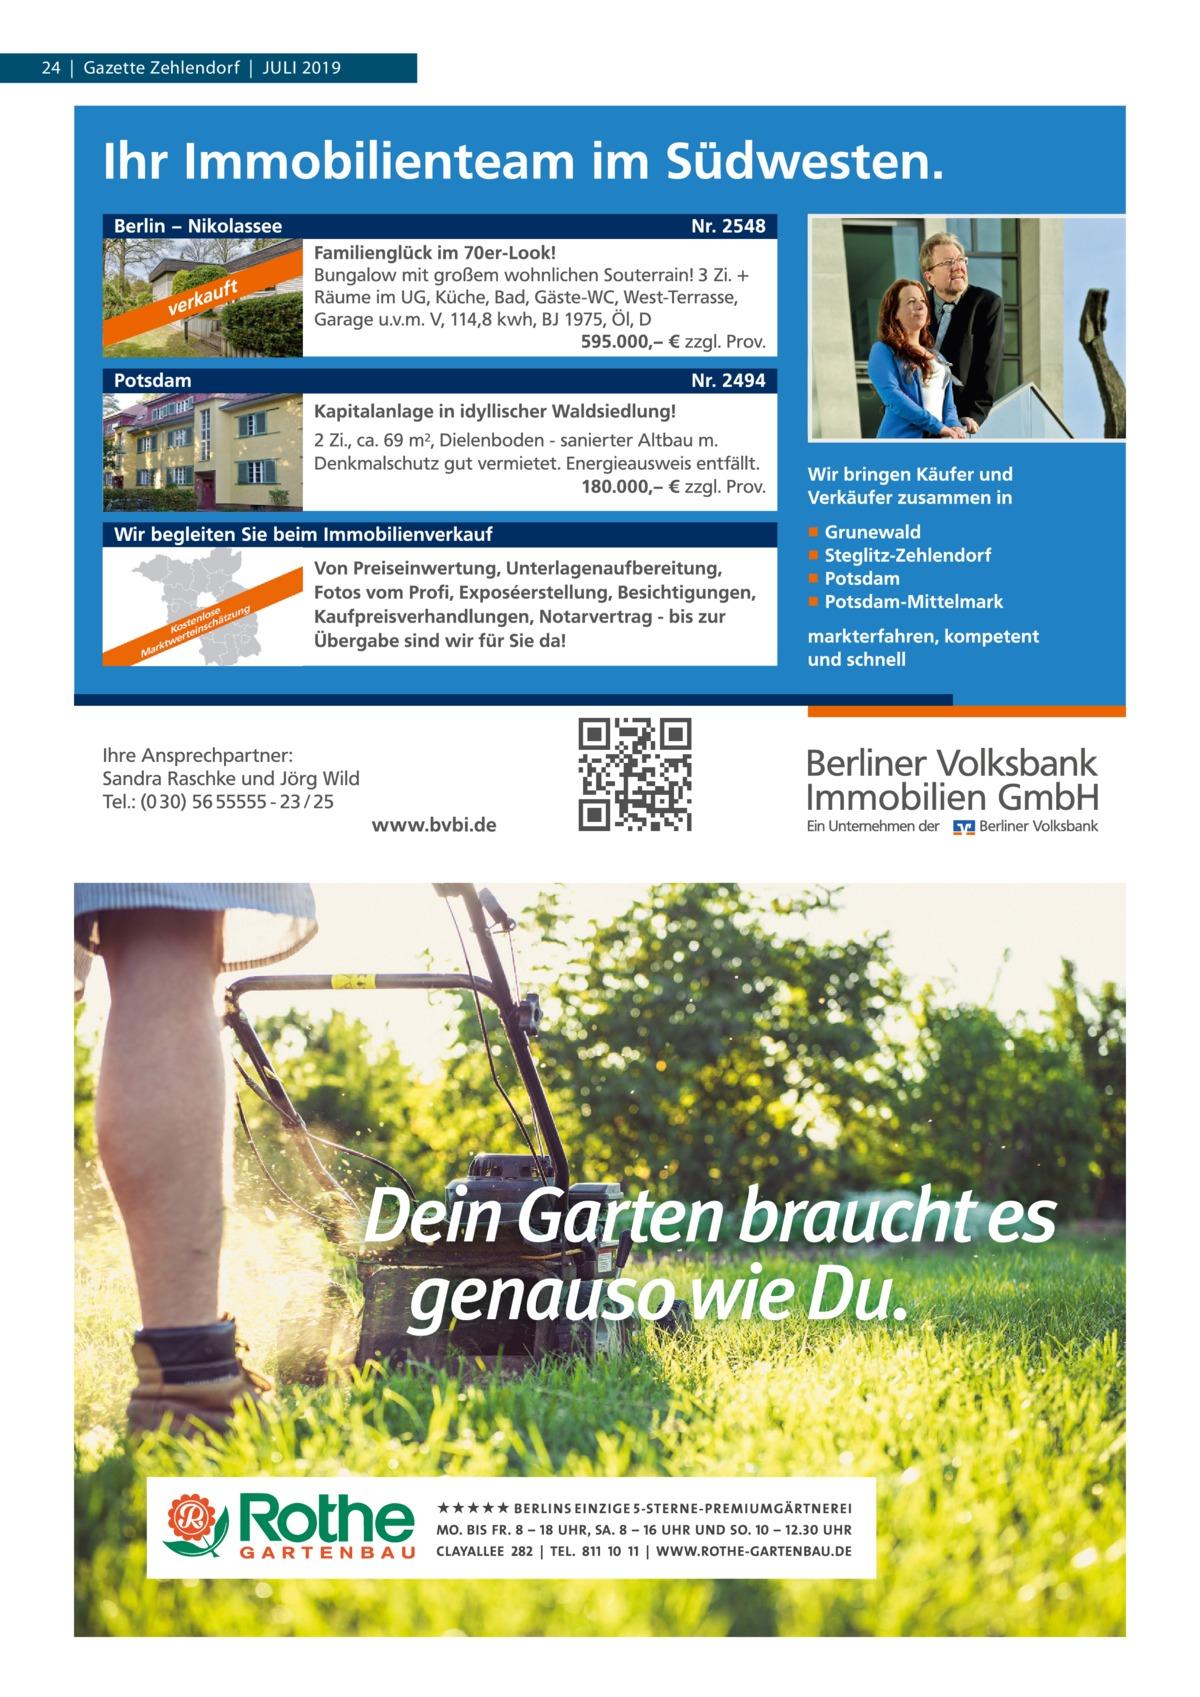 24|Gazette Zehlendorf|Juli 2019